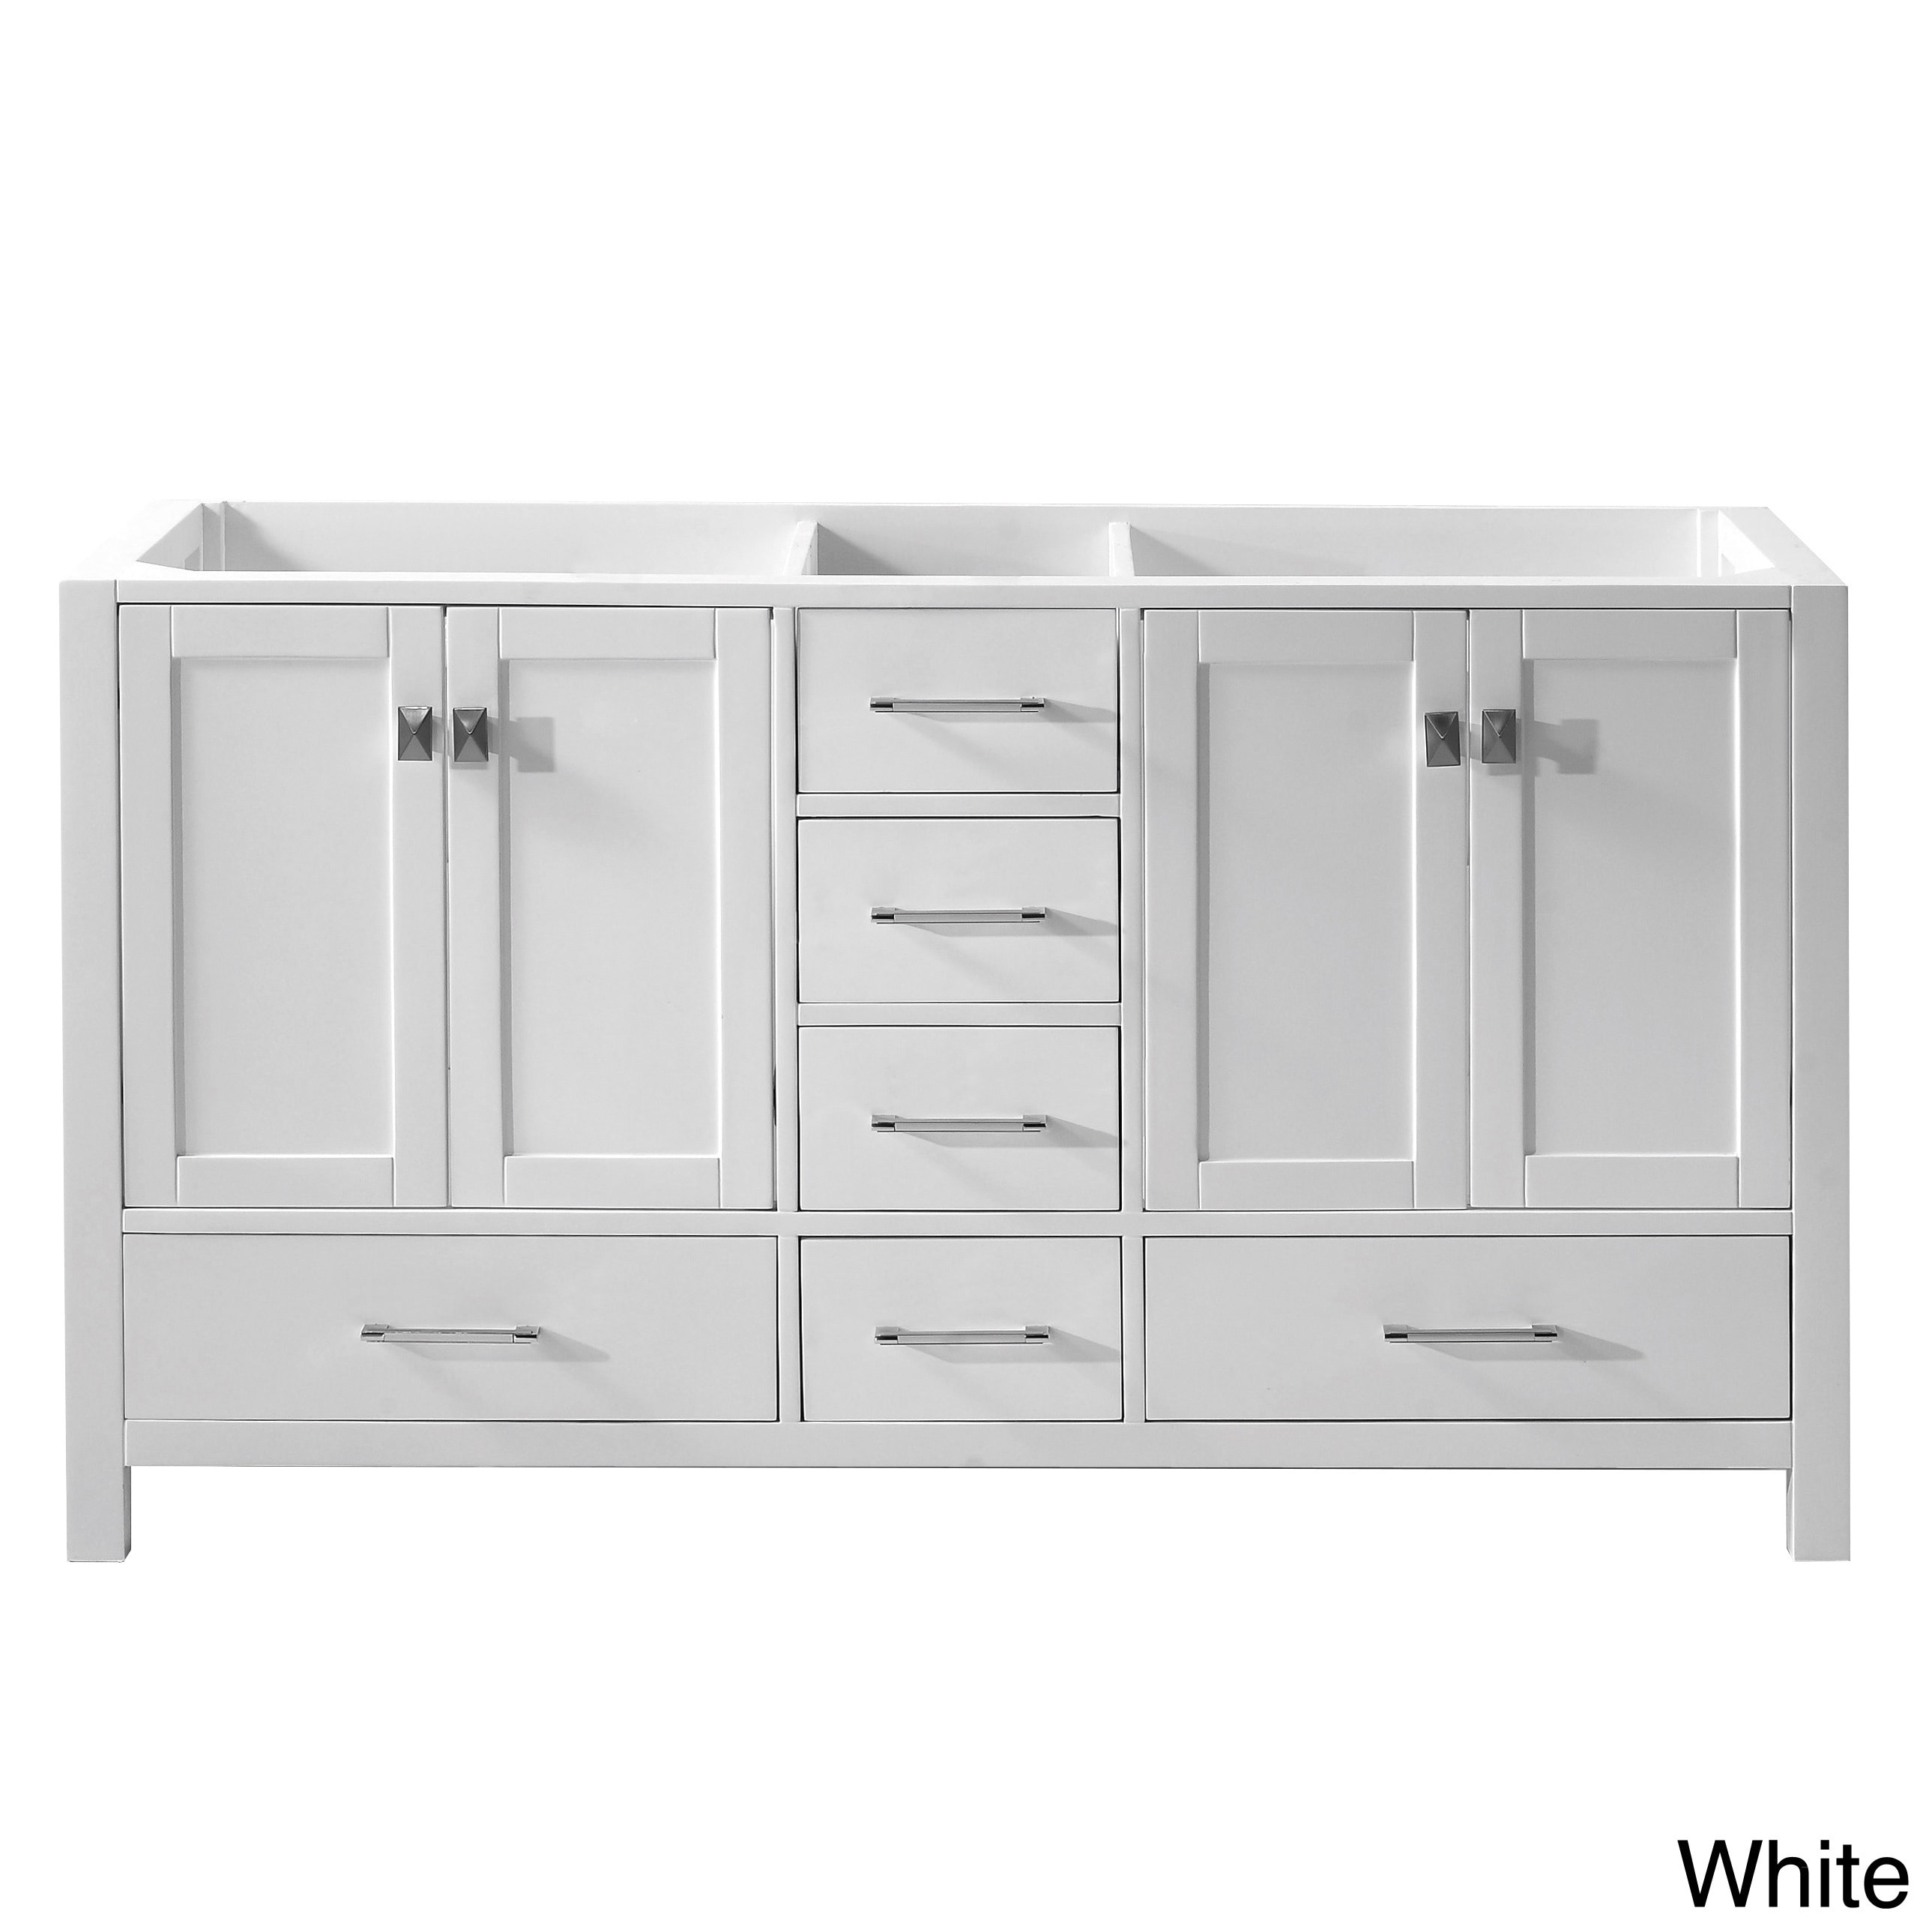 Virtu usa caroline avenue 60 inch double sink bathroom - 60 inch bathroom cabinet single sink ...